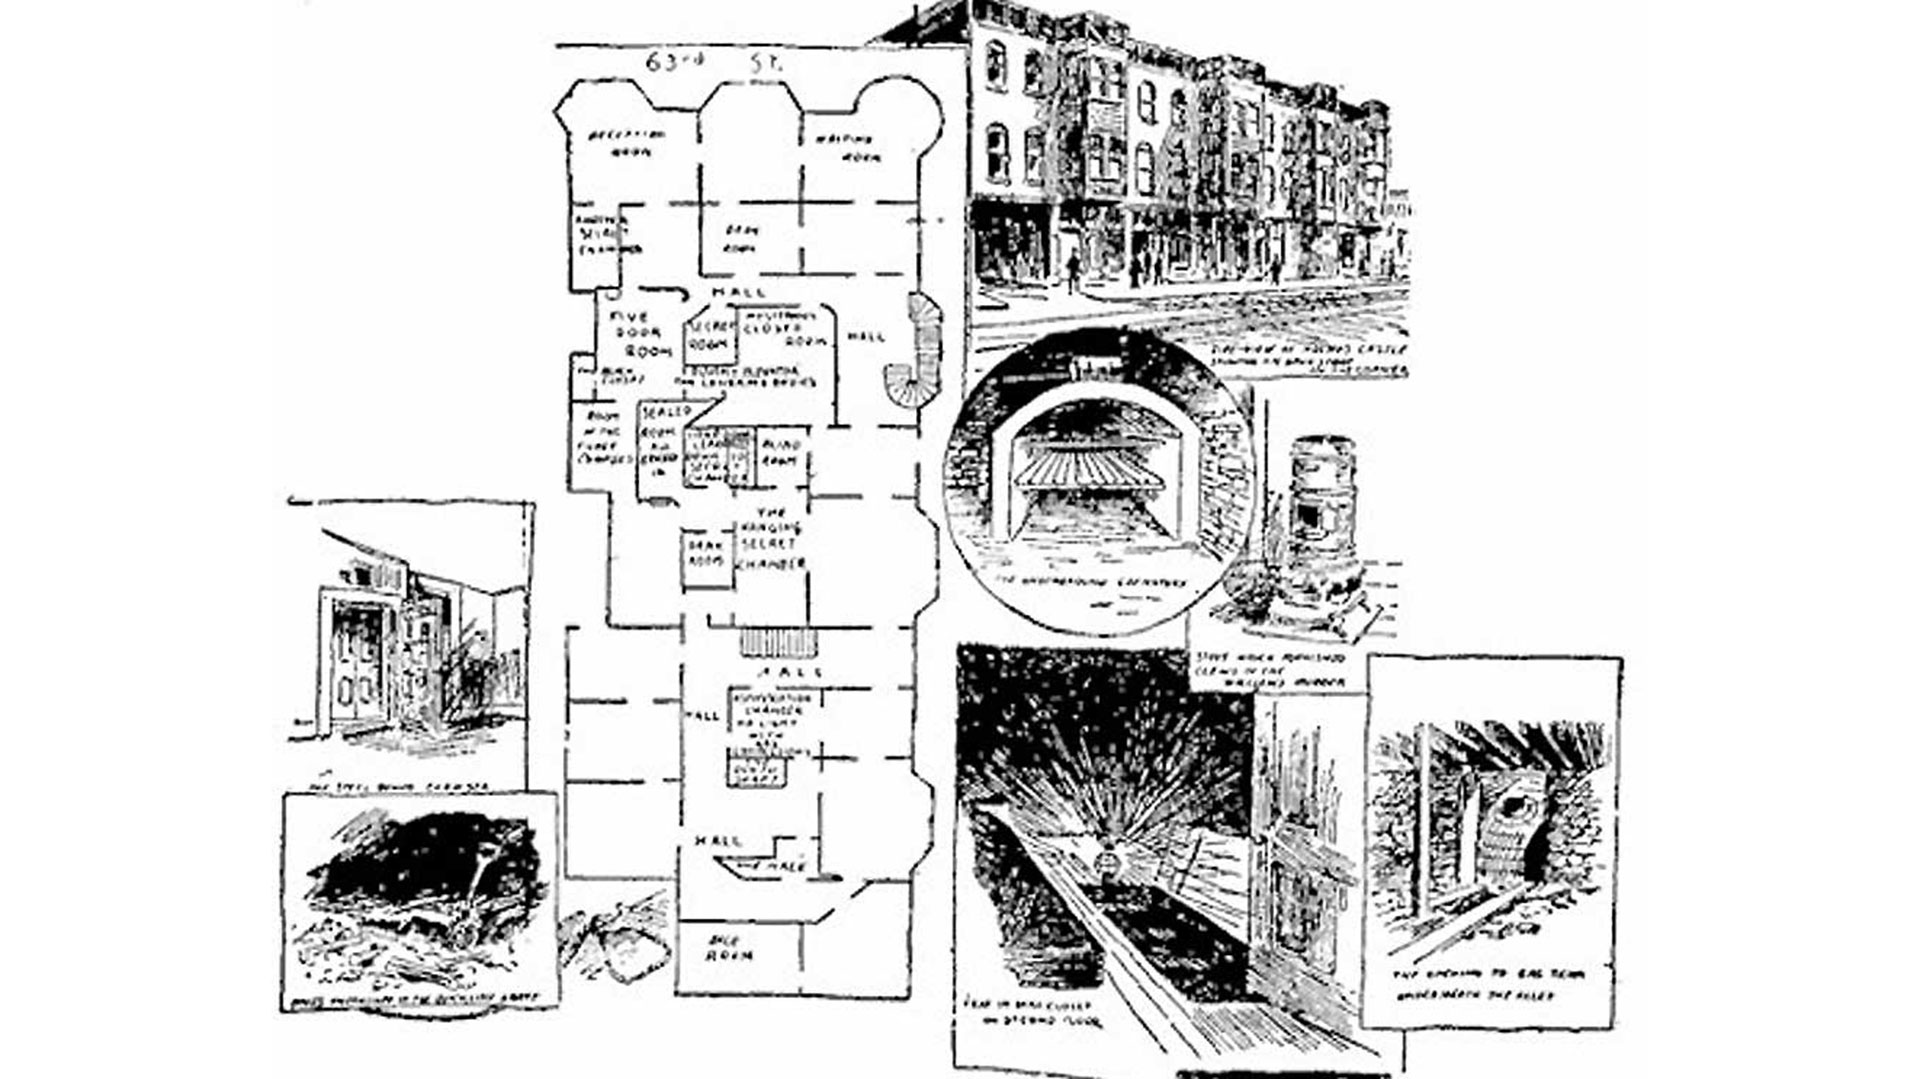 Un Asesino Serial En Un Hotel Una Ejecución Y Una Vida De Incógnito En Paraguay La Increíble Historia De H H Holmes Infobae